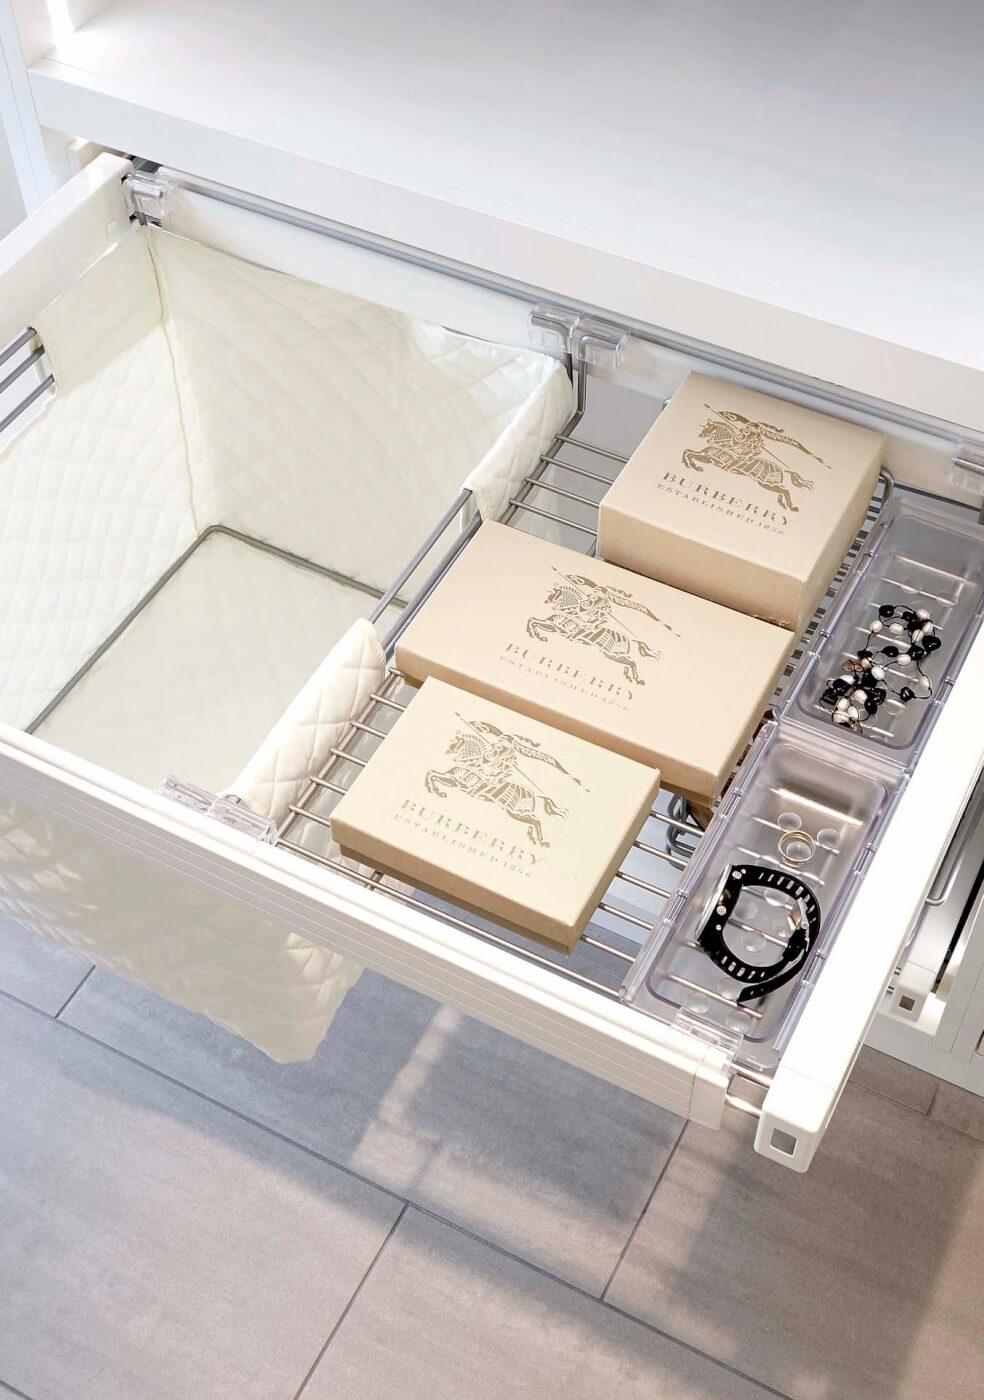 schranksystem begegnungen f r die sinne mn k chen von movanorm. Black Bedroom Furniture Sets. Home Design Ideas